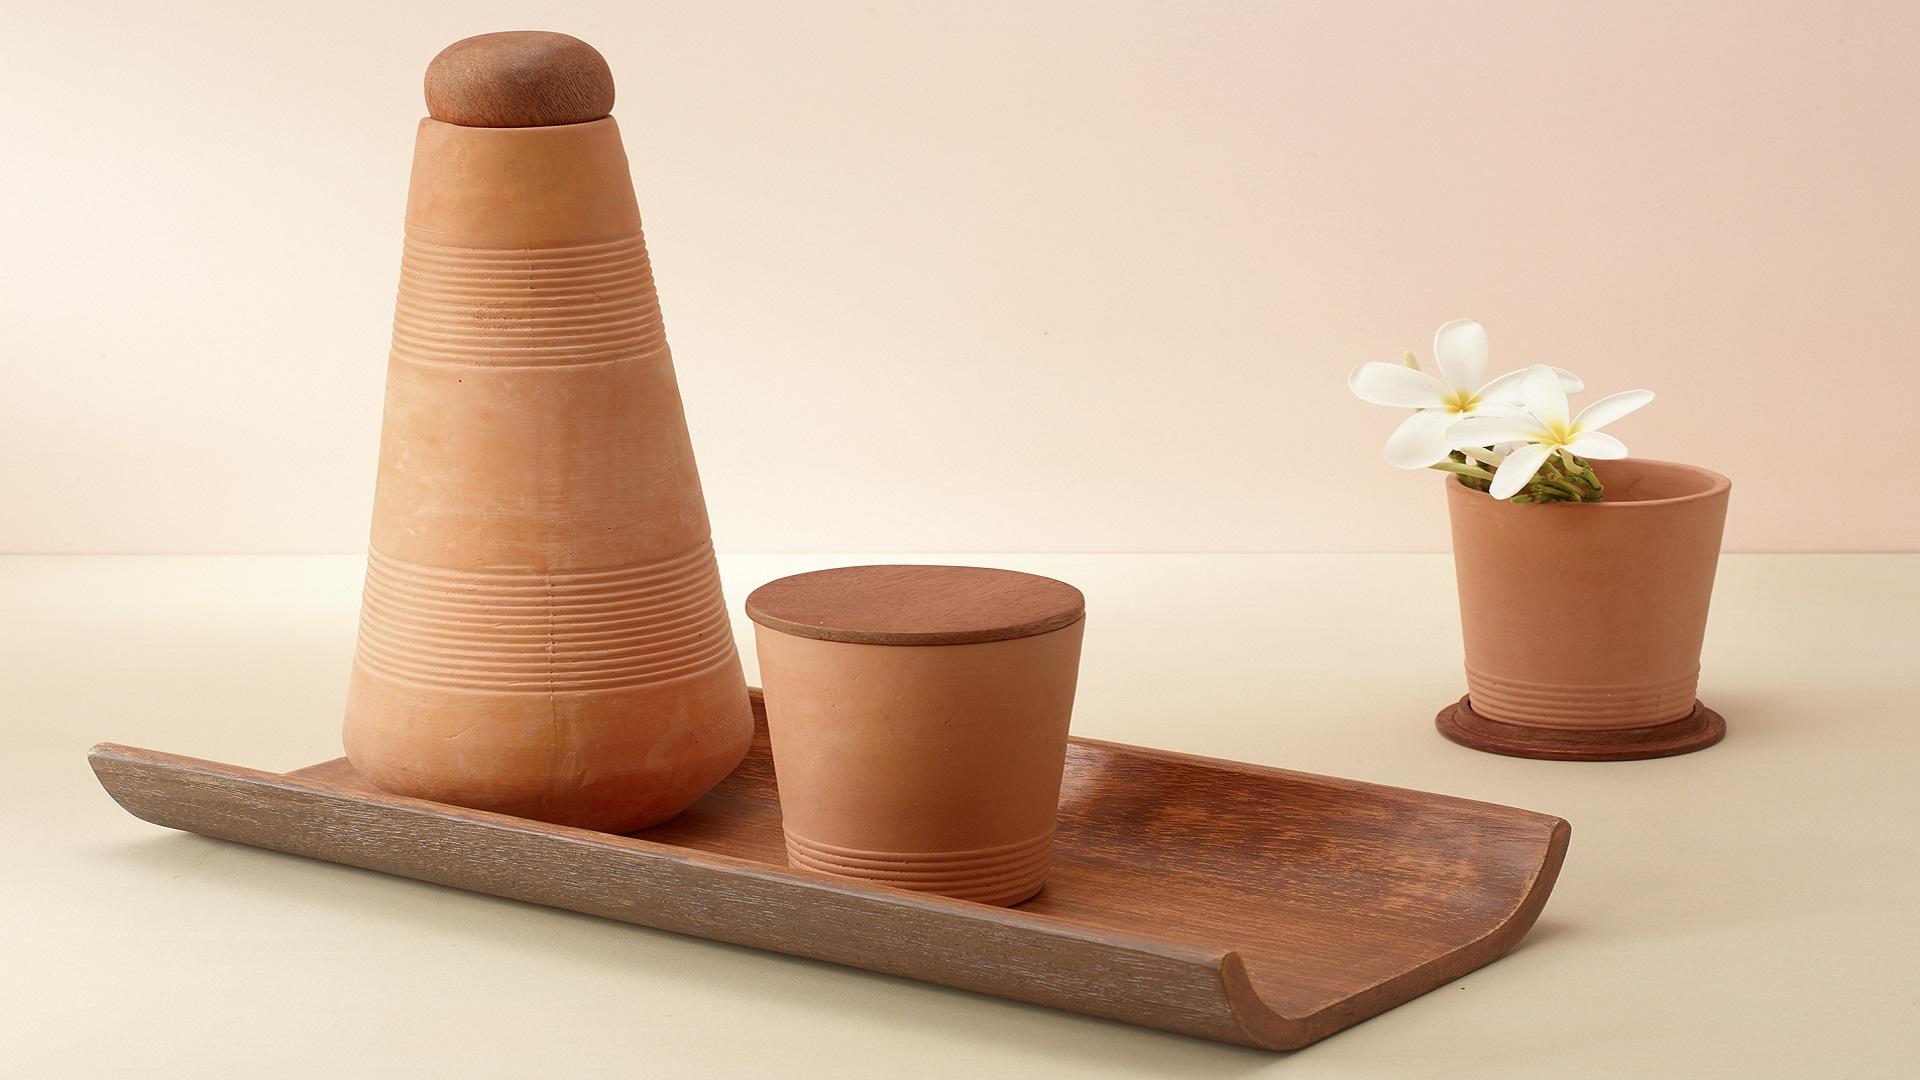 Benefits of earthenware